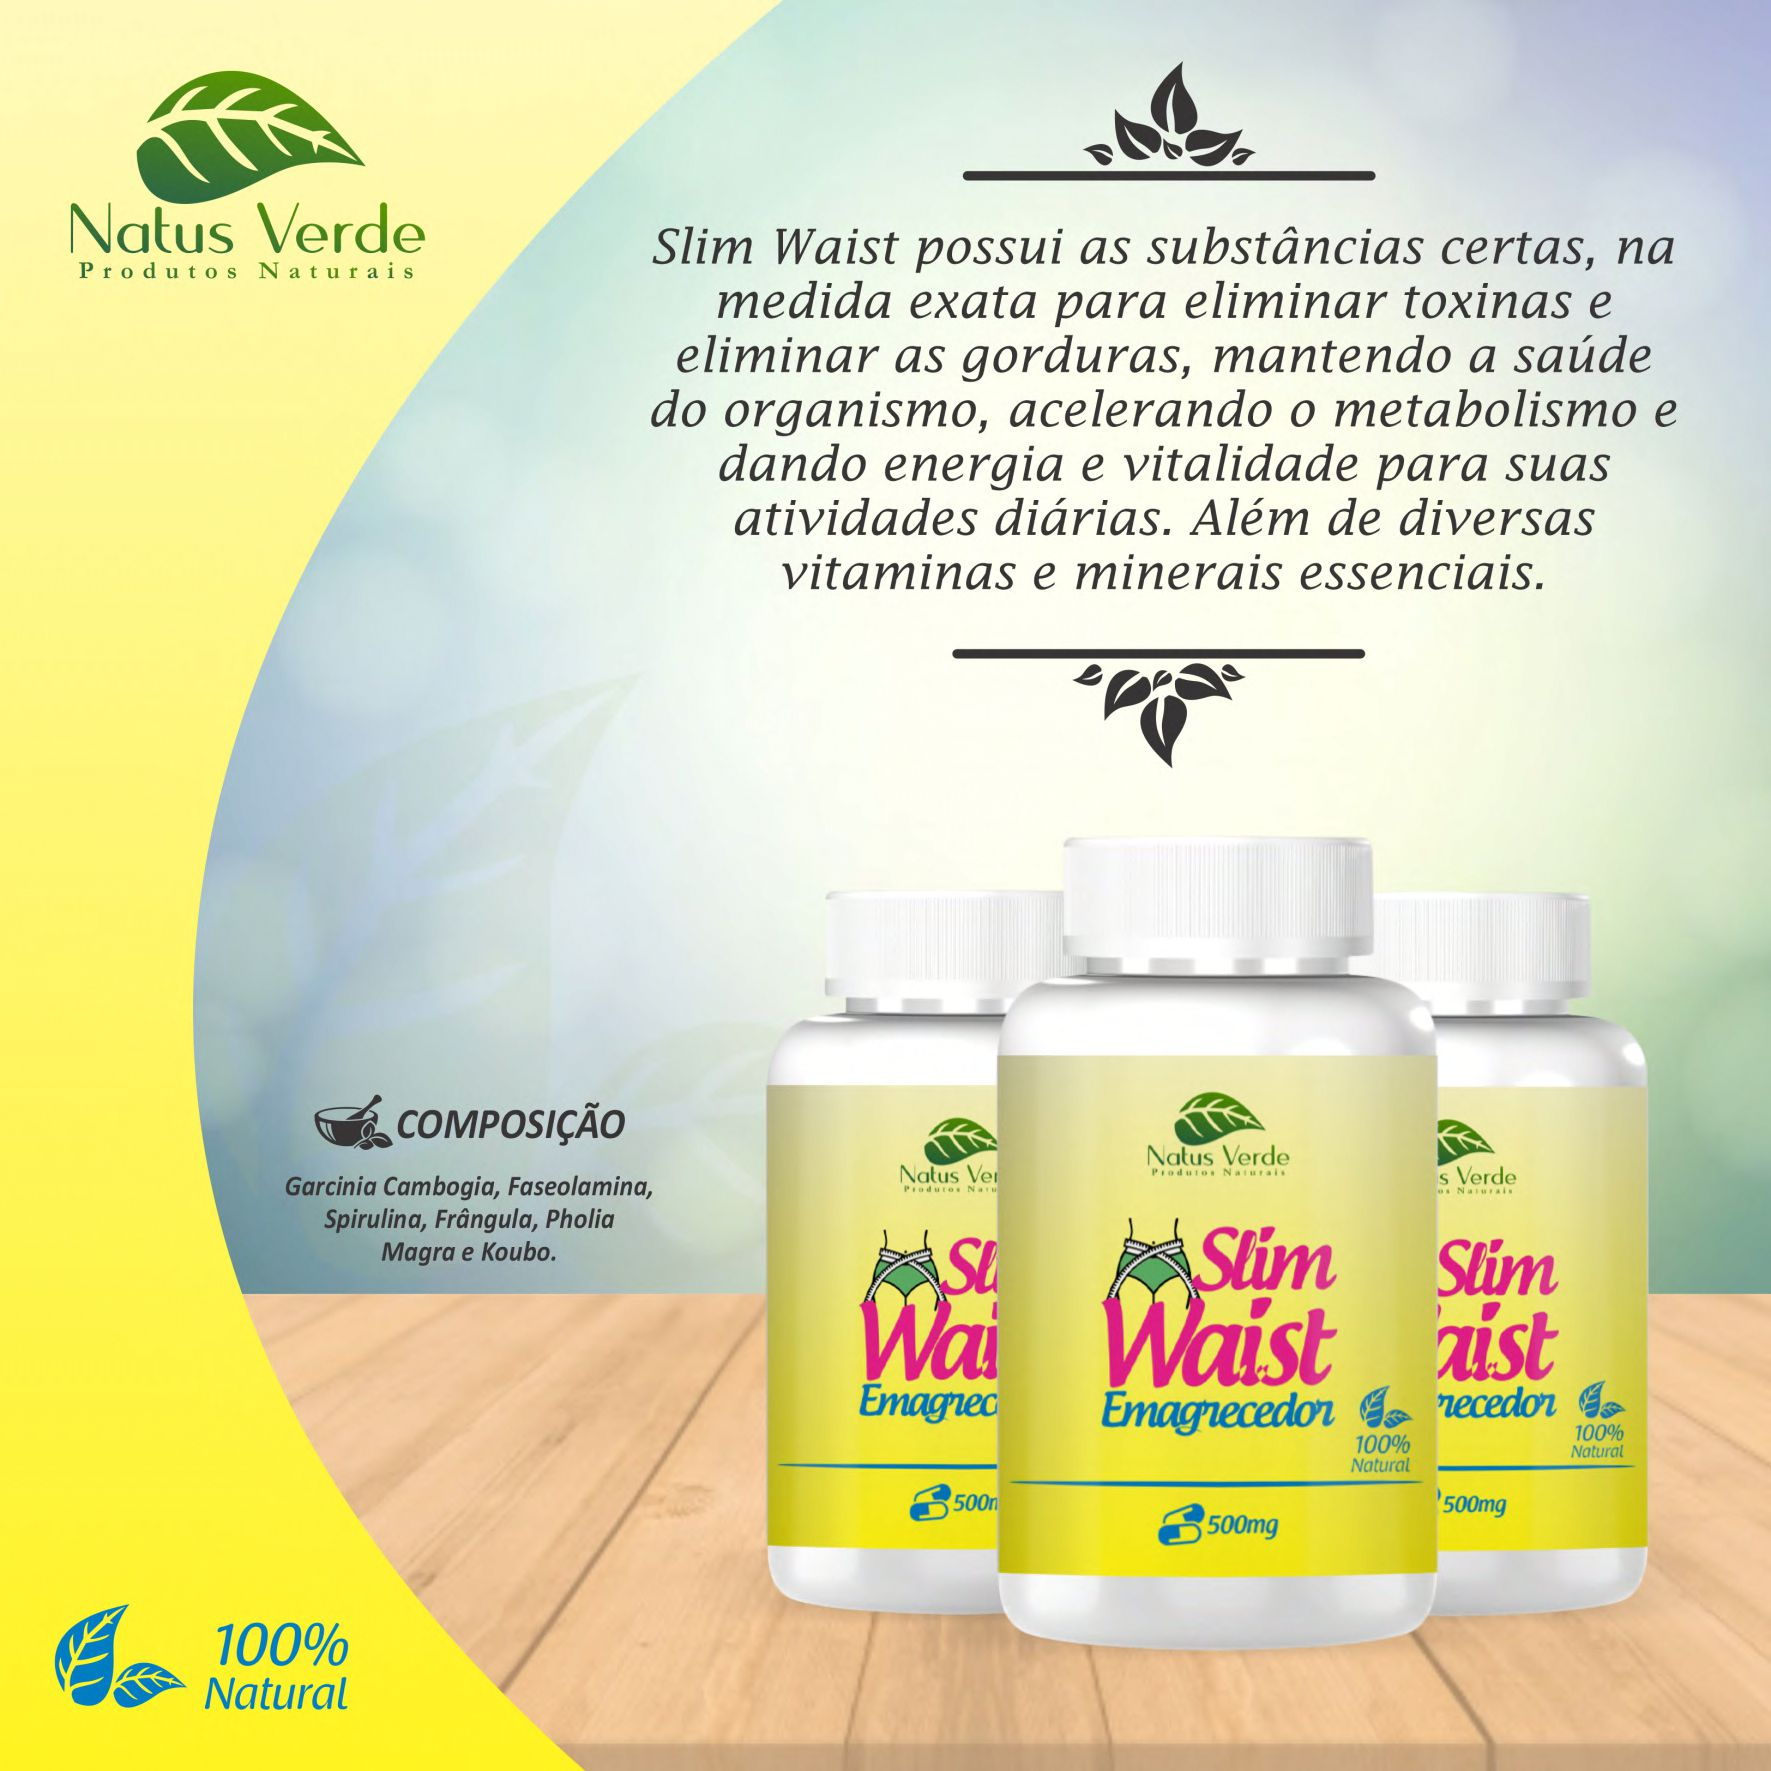 Slim Waist Emagrecedor Natural 60 Caps Natus Verde  - Fribasex - Fabricasex.com